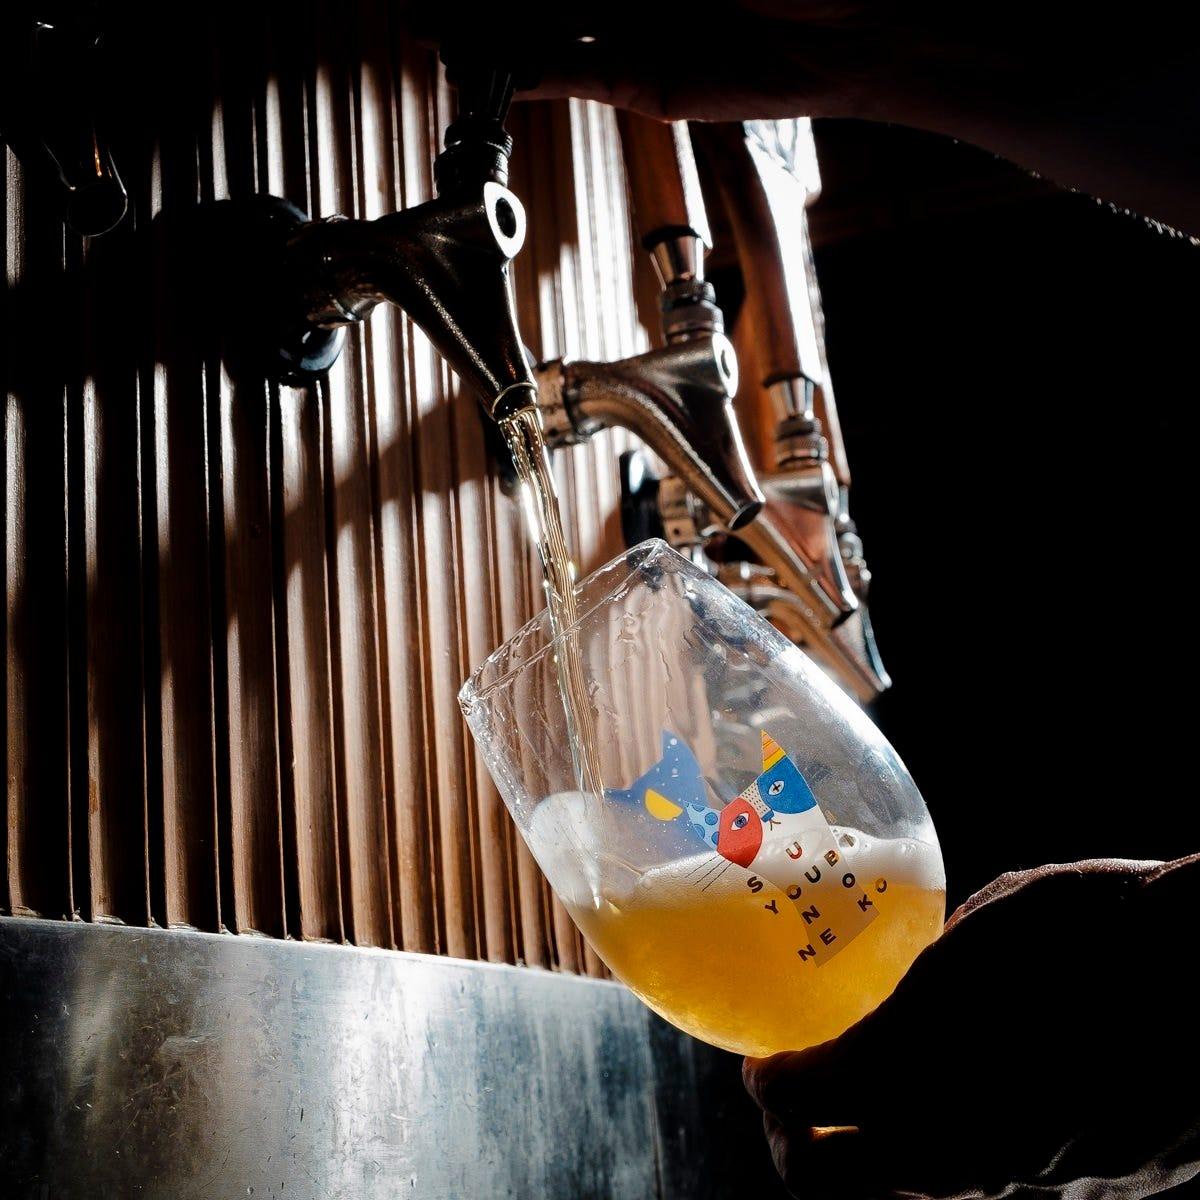 軽井沢直送の樽生クラフトビール